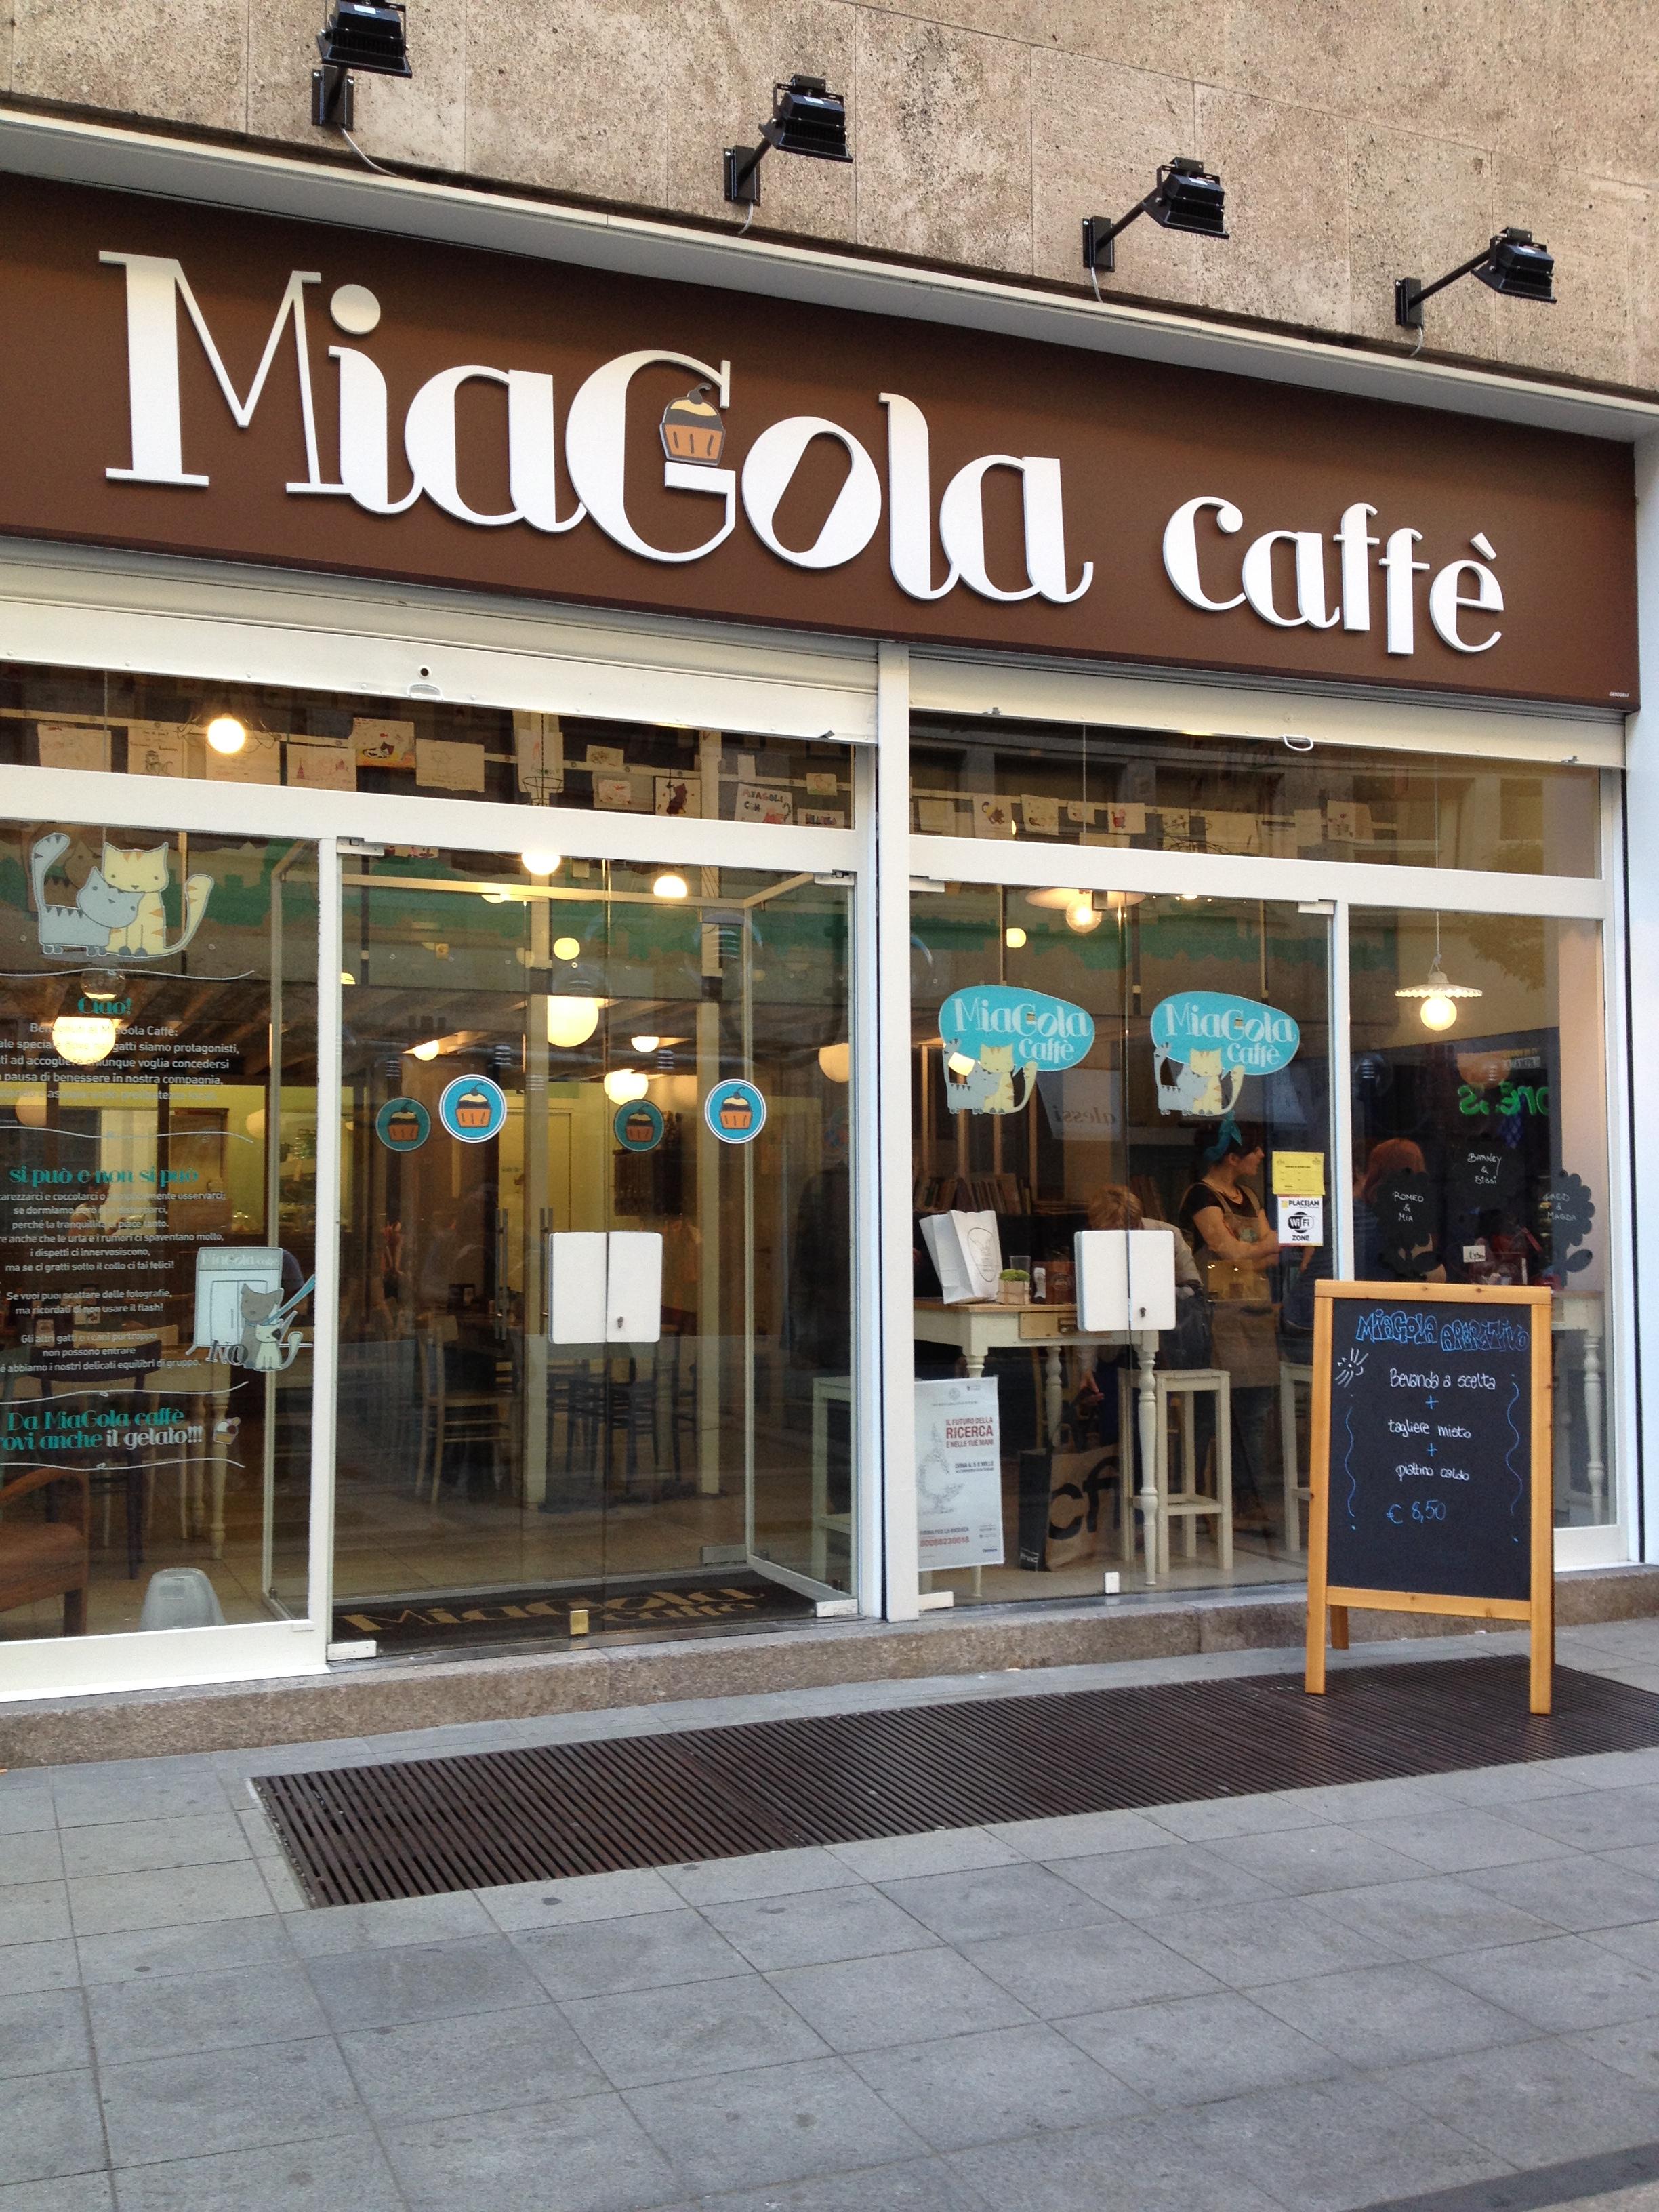 Miagola, il cat cafè di Torino